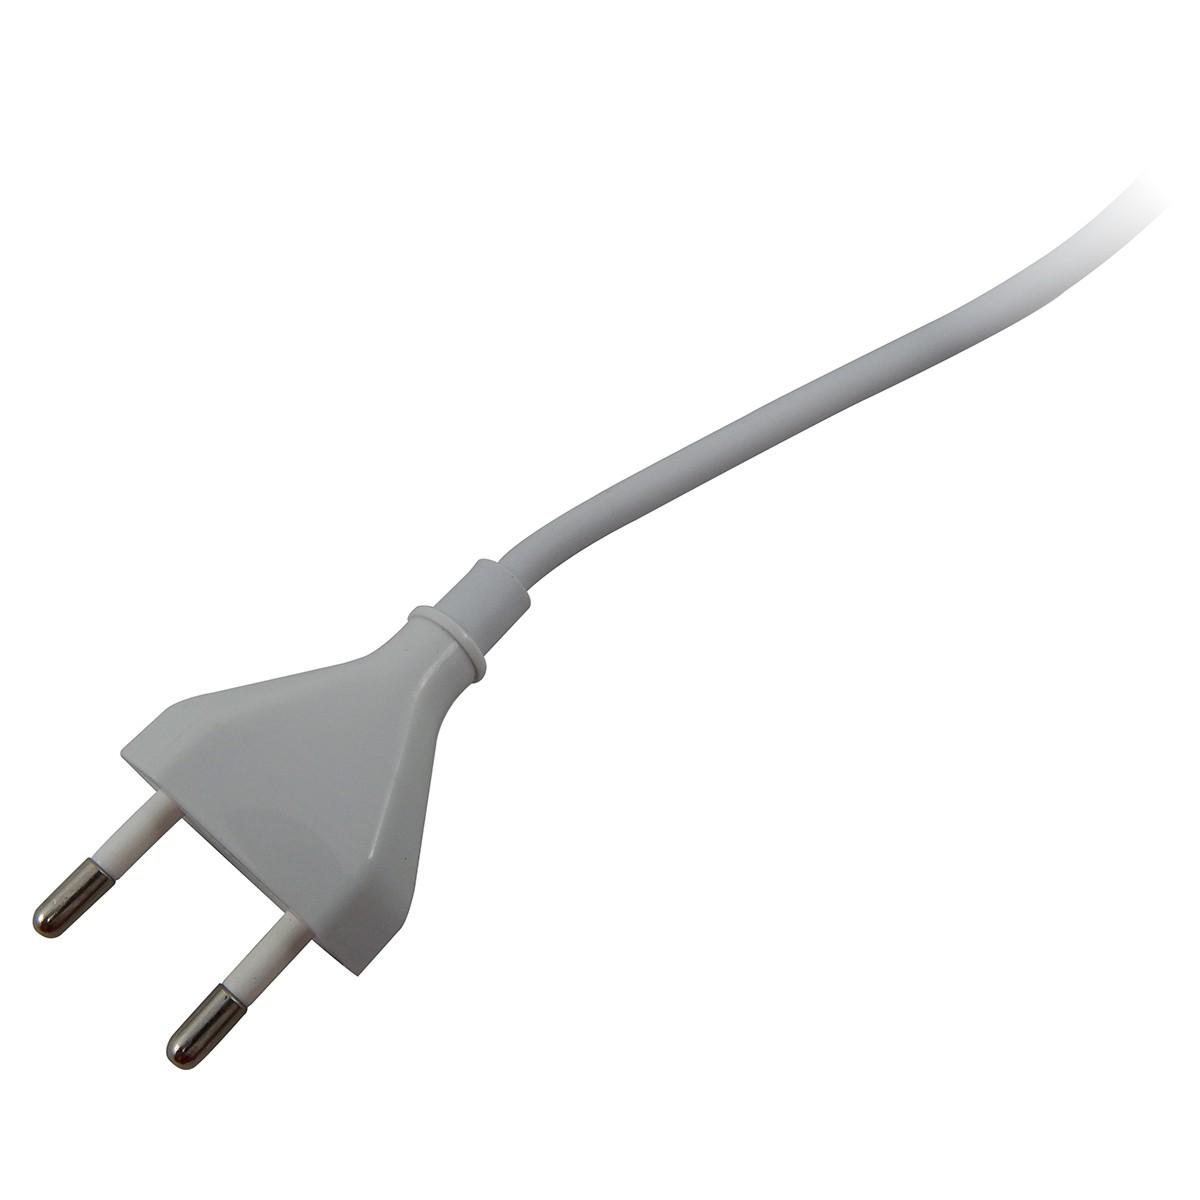 Carregador Hub USB 4 Portas c/ Cabo 1,5M Tomada 15w 5v 3a